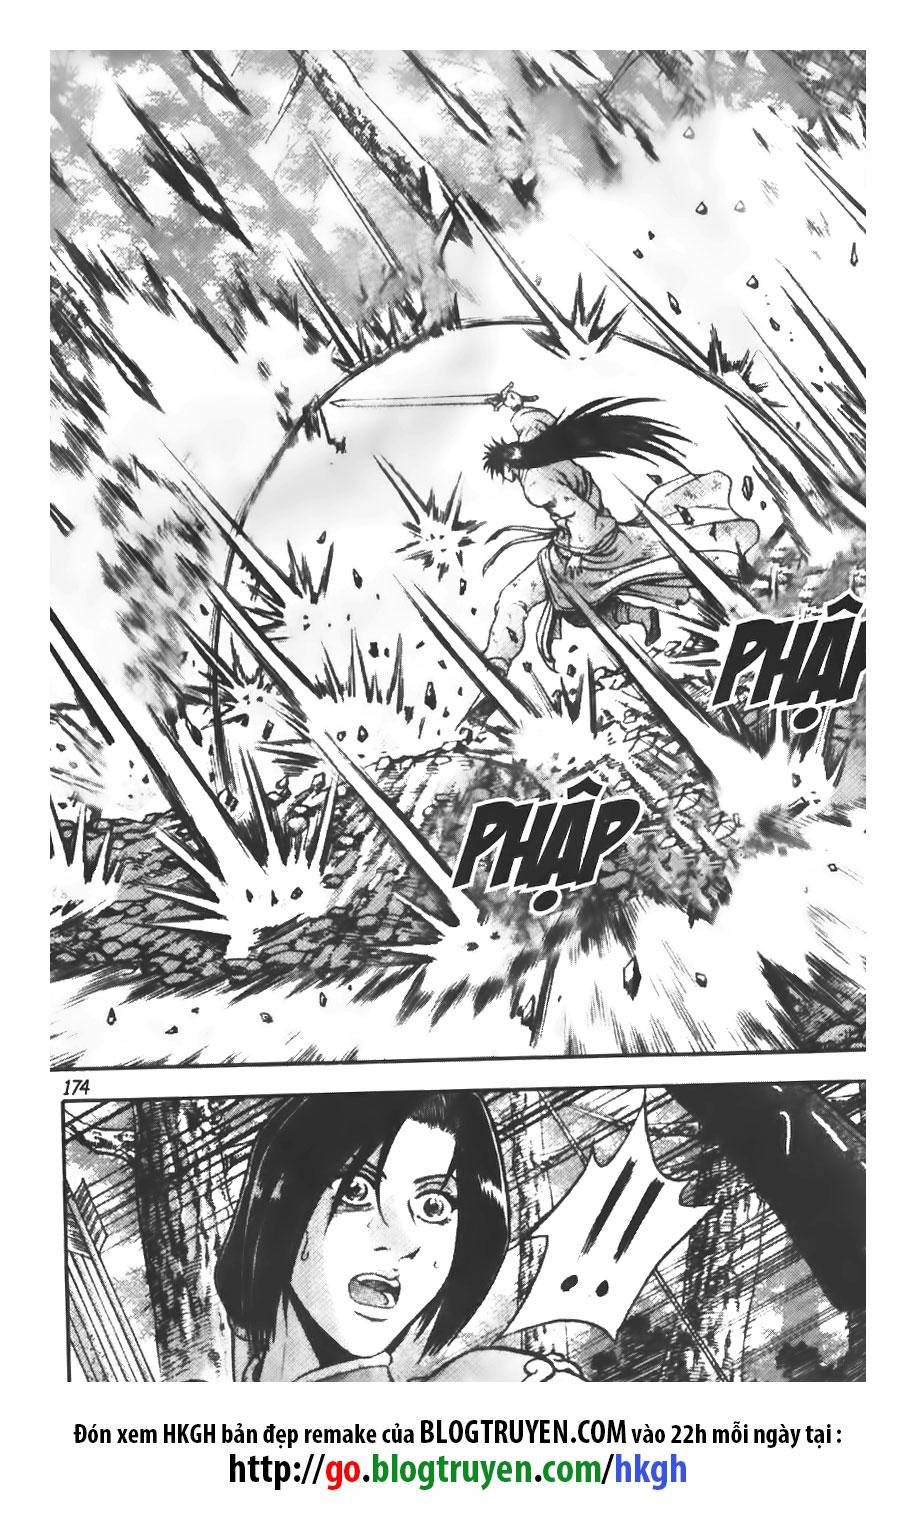 xem truyen moi - Hiệp Khách Giang Hồ Vol43 - Chap 300 - Remake